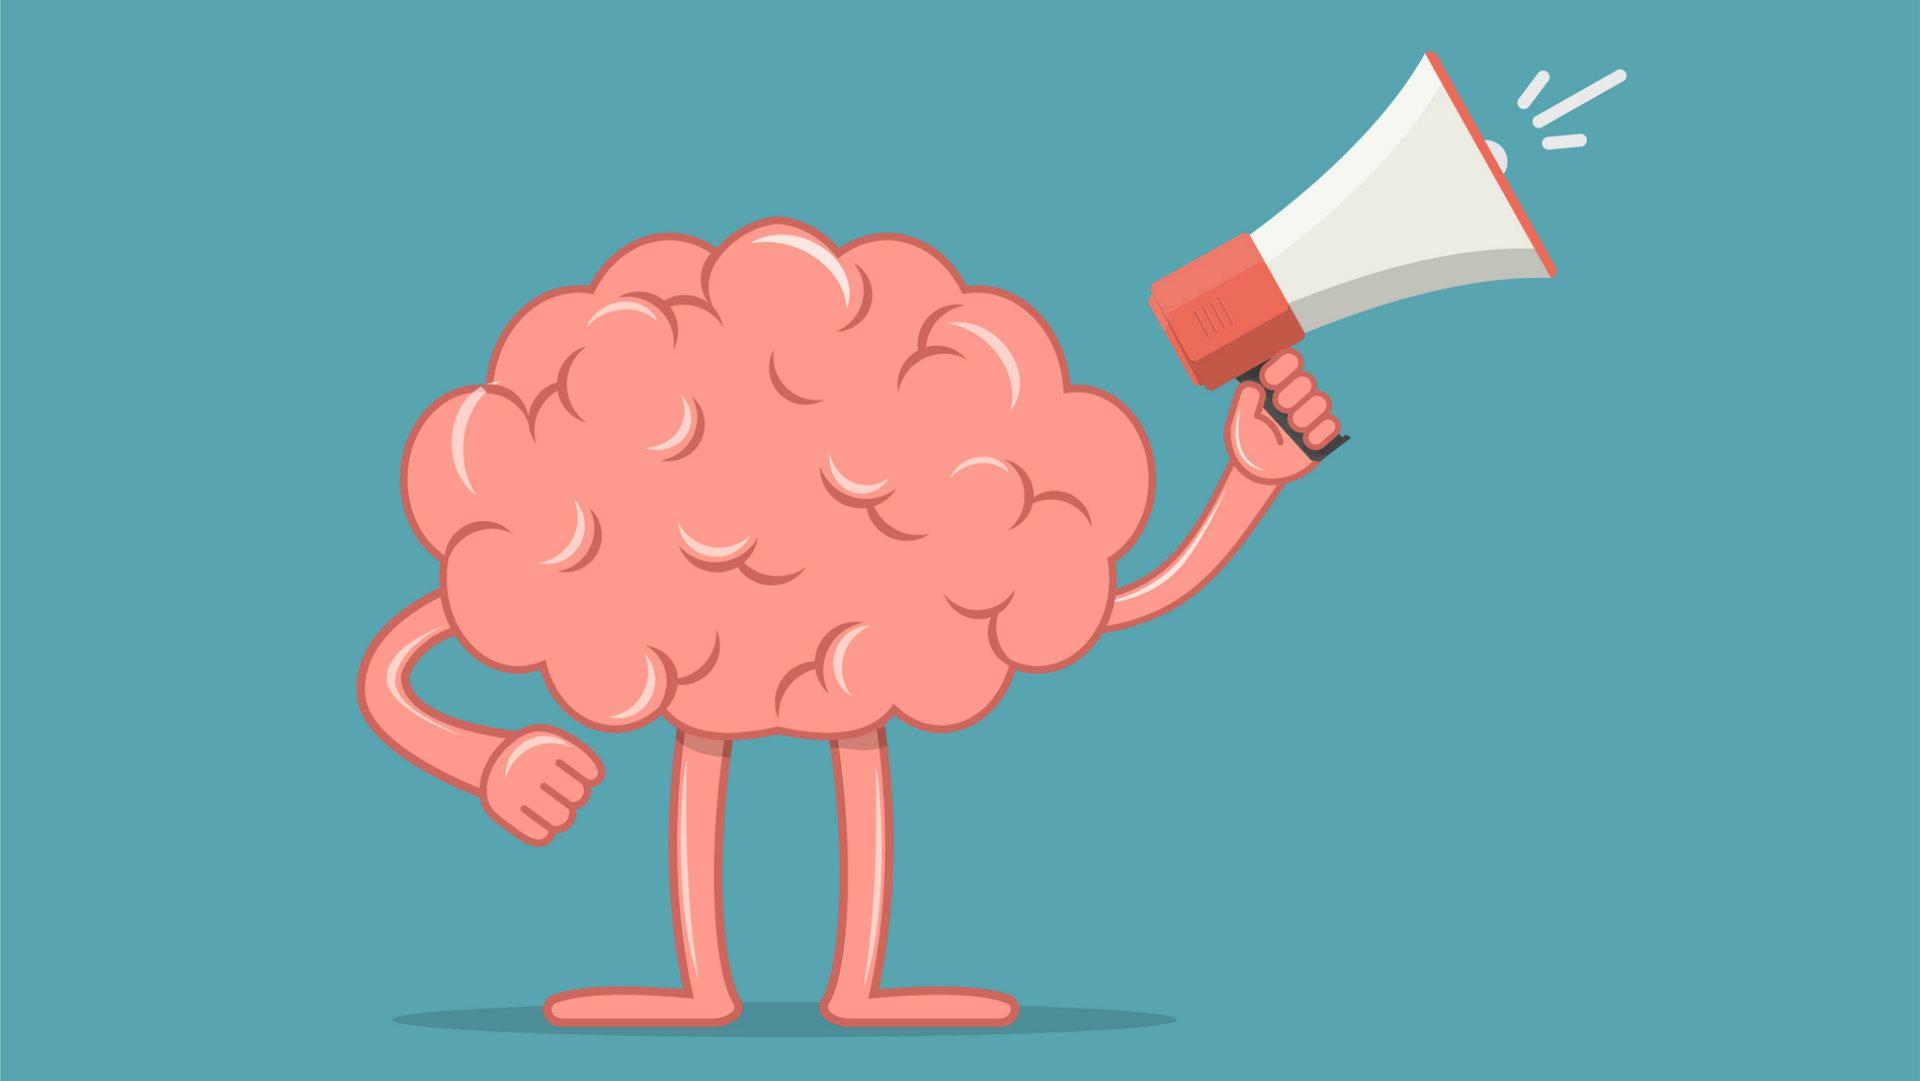 O que e neuromarketing Saiba o que e e como usar - O que é neuromarketing? Saiba o que é e como usar!